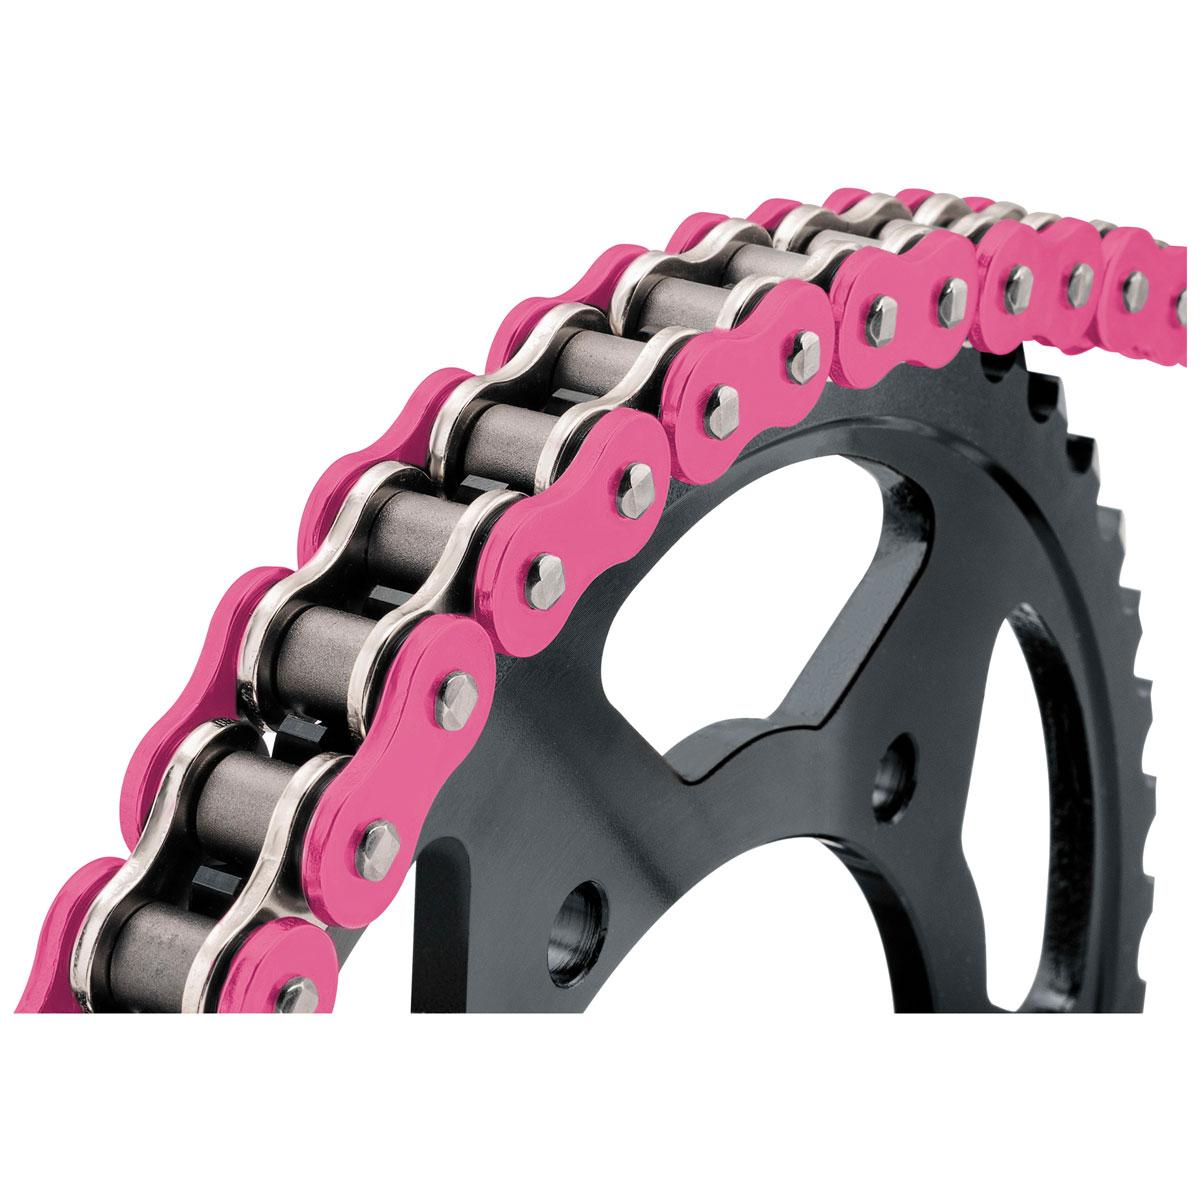 BikeMaster BMXR X-Ring Chain Pink